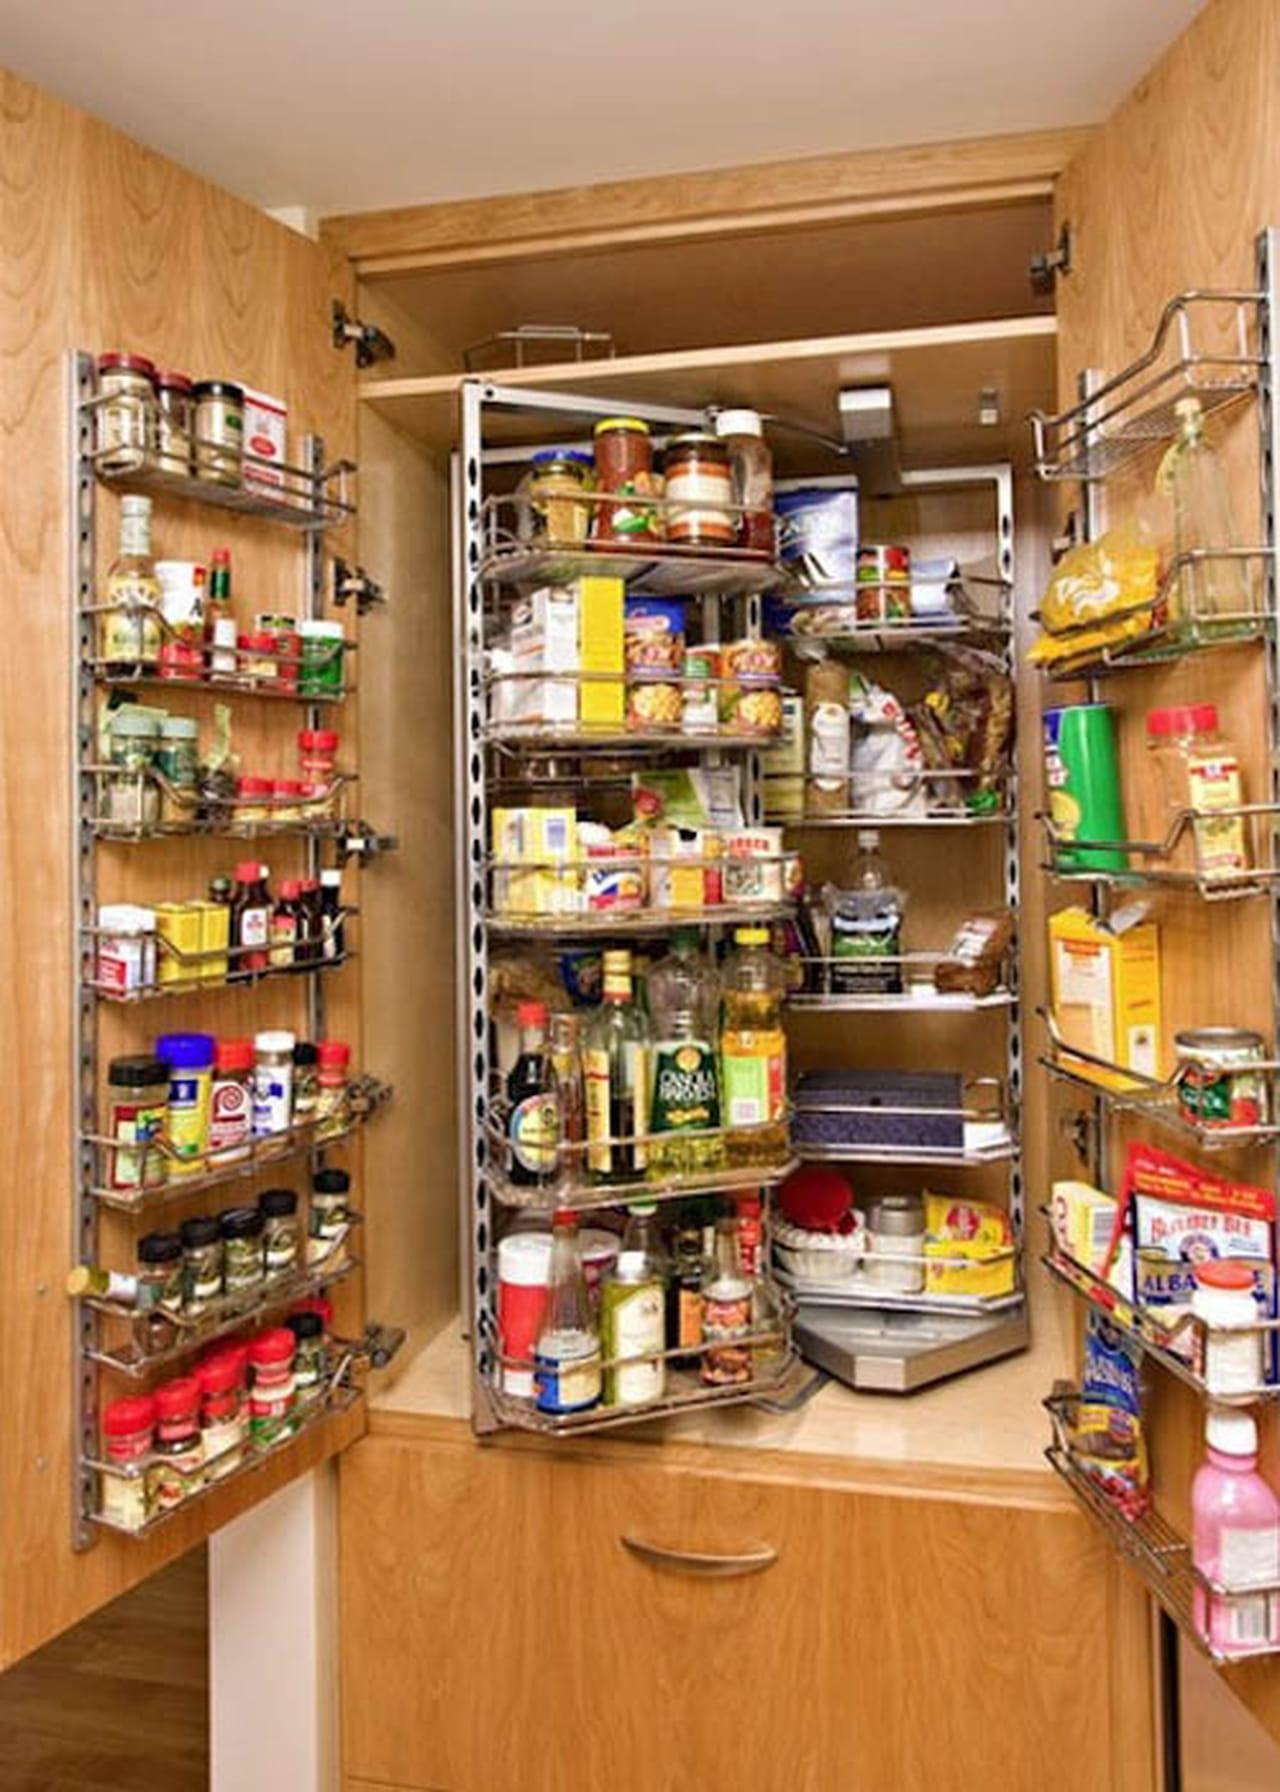 أفكار جذابة من ديكورات المطابخ العصرية لترتيب وتنظيم المطبخ